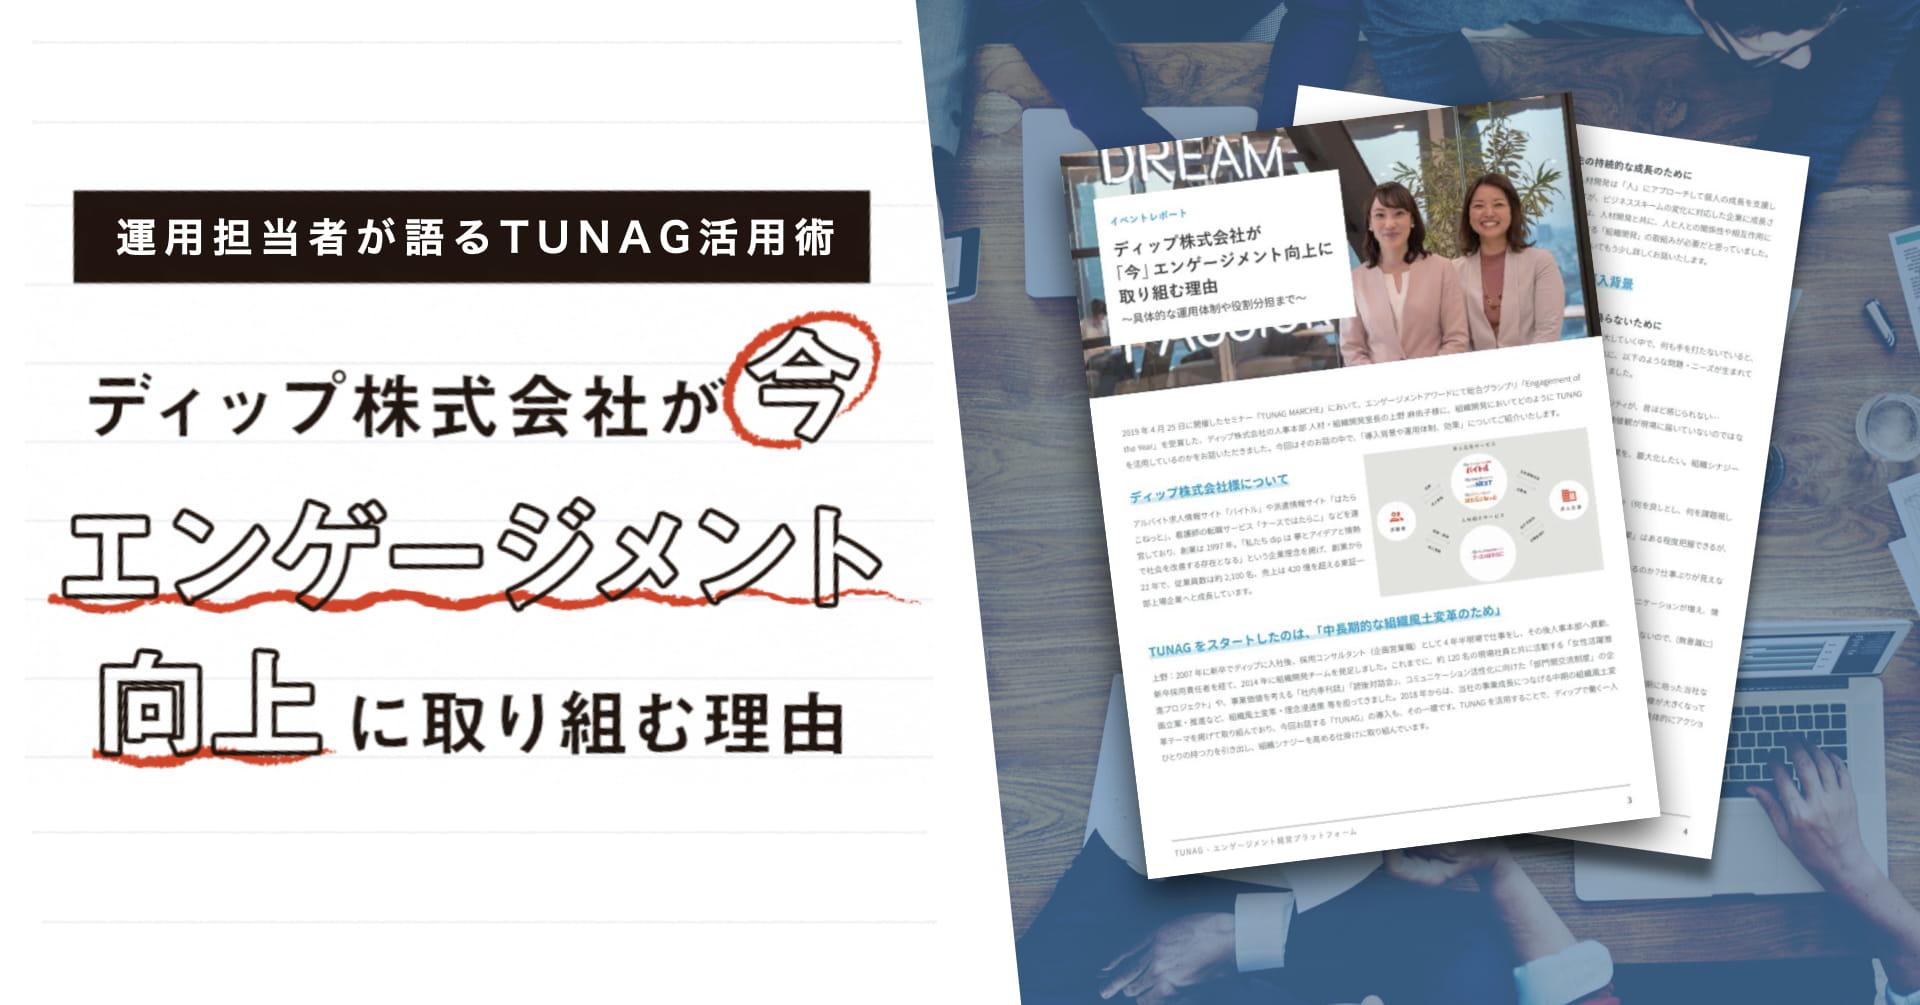 """イベントレポート「ディップ株式会社が """"今""""エンゲージメント向上に取り組む理由」"""